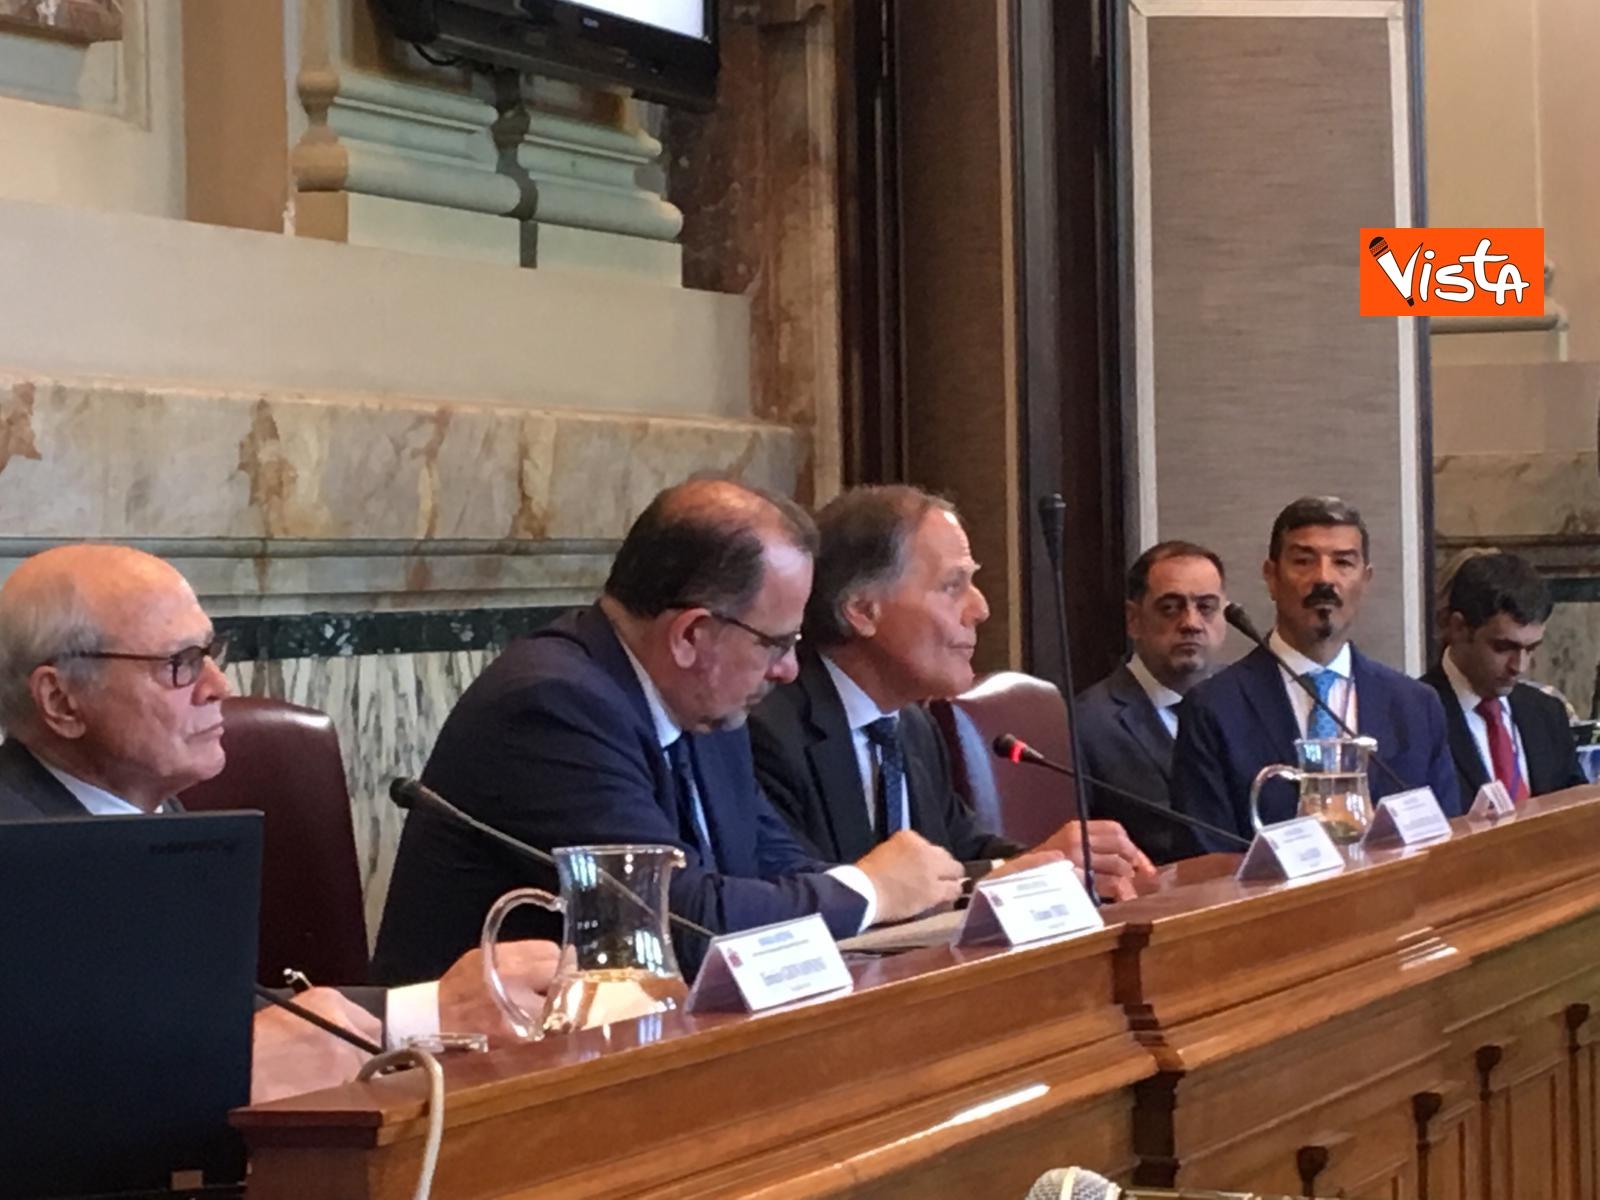 13-06-19 Mattarella a riunione Cnel europei a Roma_06